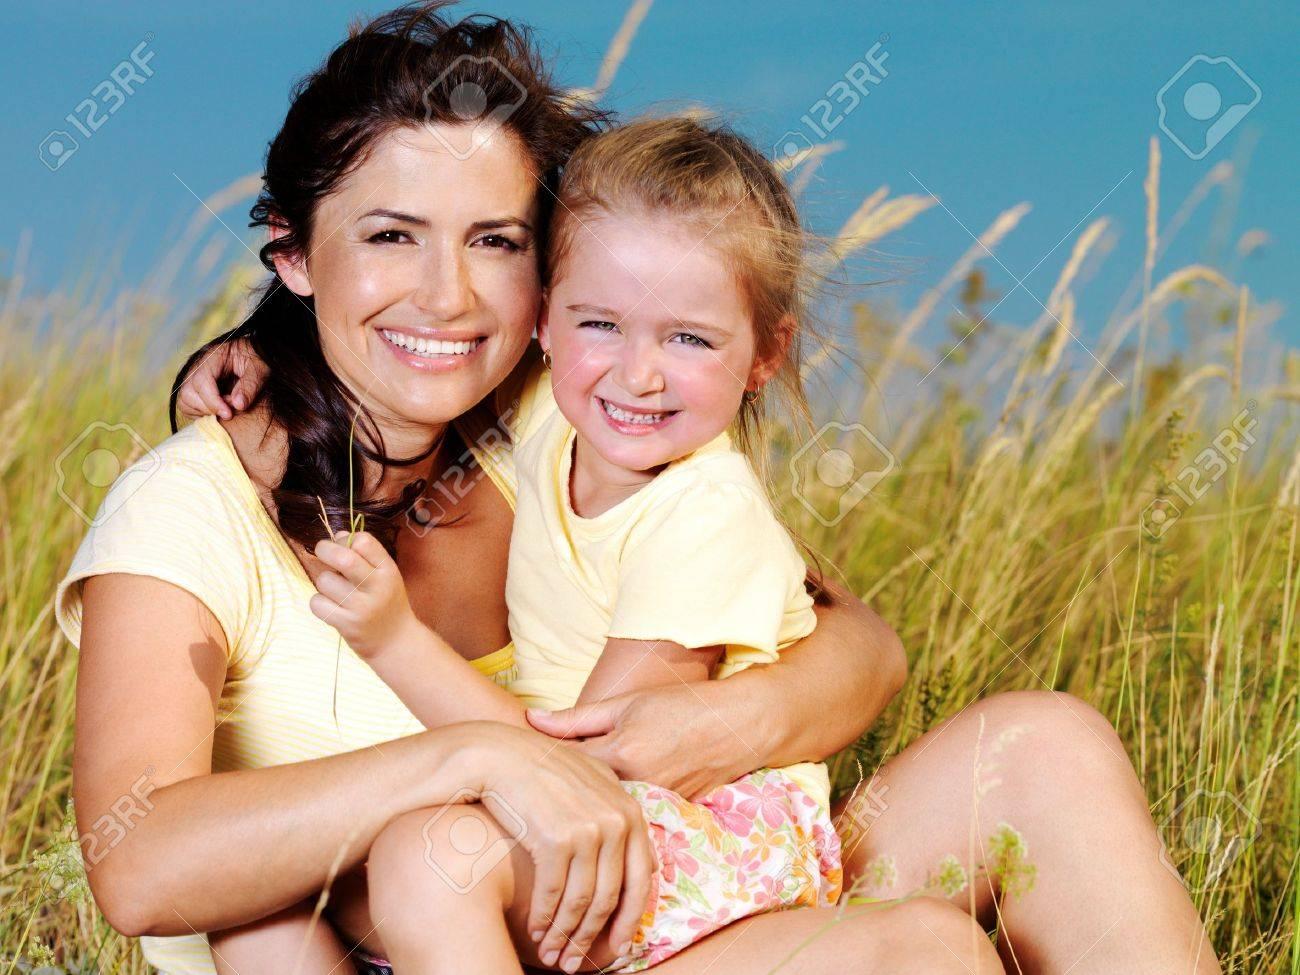 Фото мама и дочь на природе 6 фотография